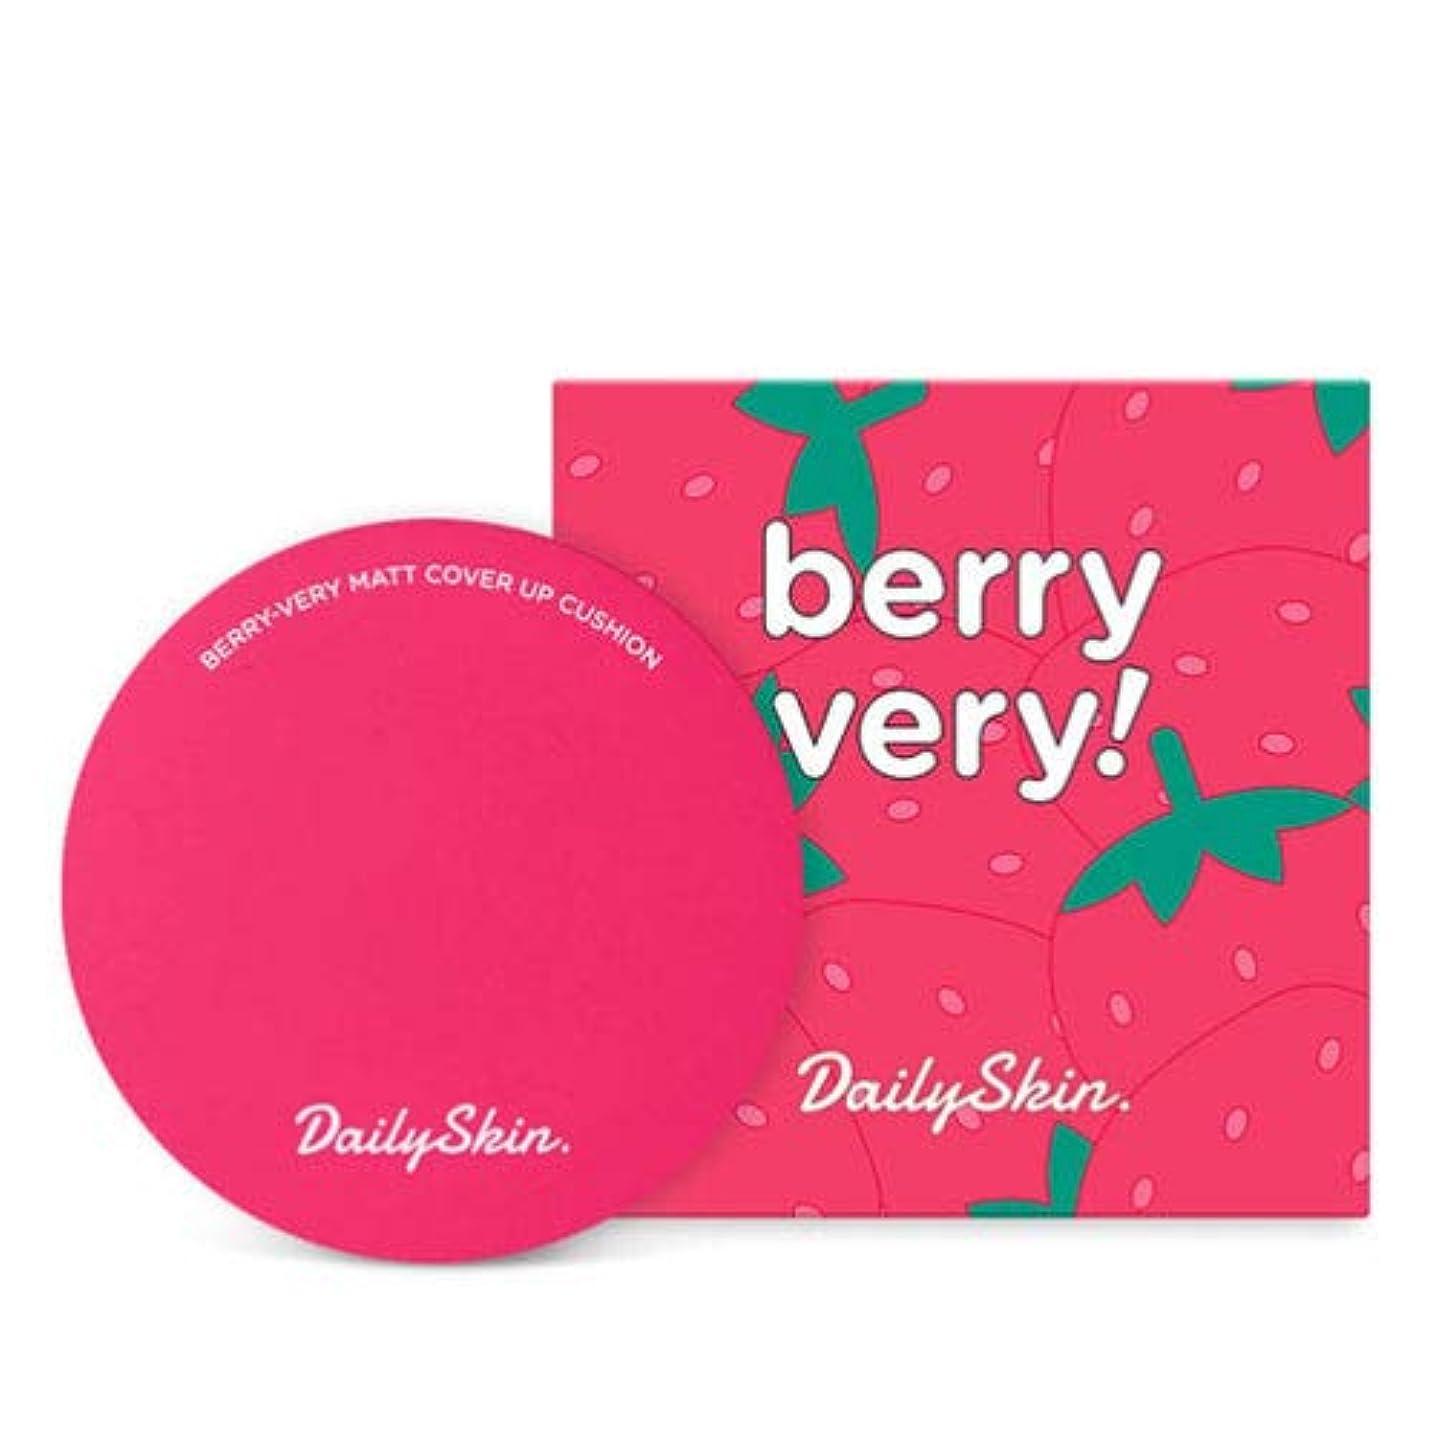 床を掃除する何かふけるDaily Skin Berry Very Matt Cover Up Cushion (No.23 Berry Natural) ]デイリースキン いちごマット カバー アップ クッション [並行輸入品]